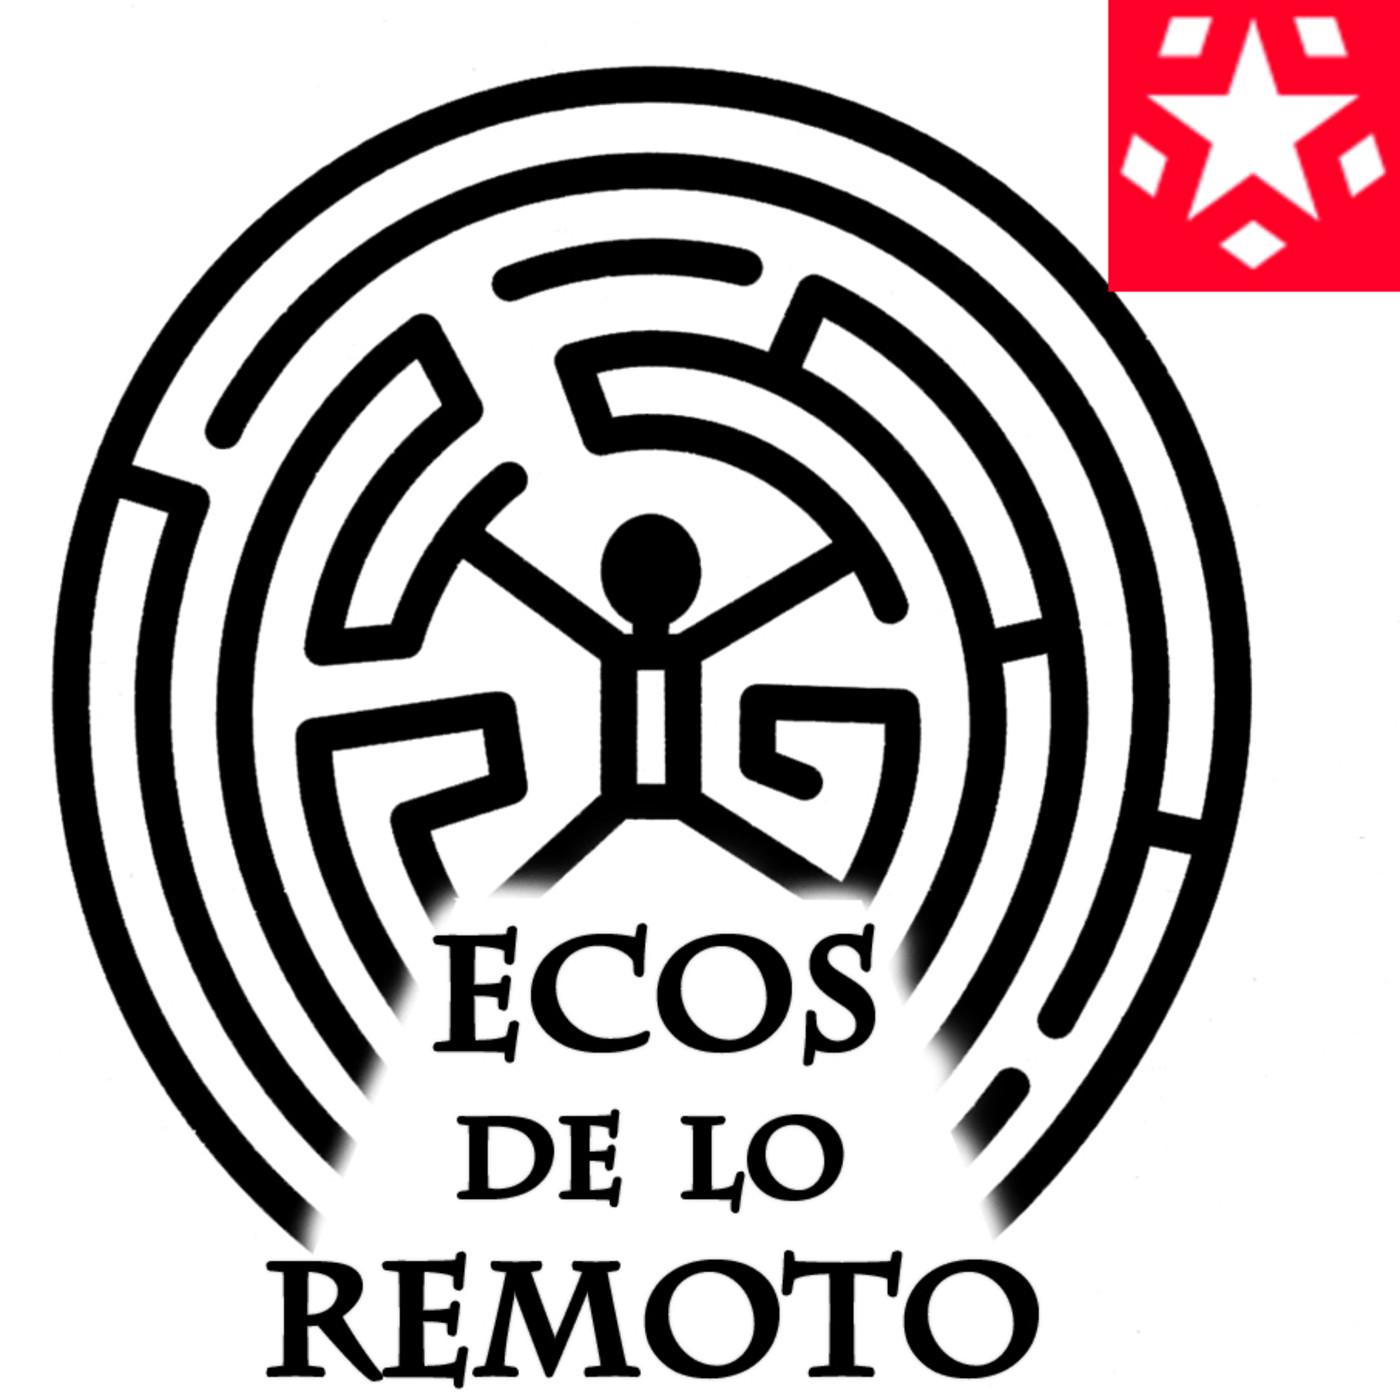 Ecos de lo Remoto image